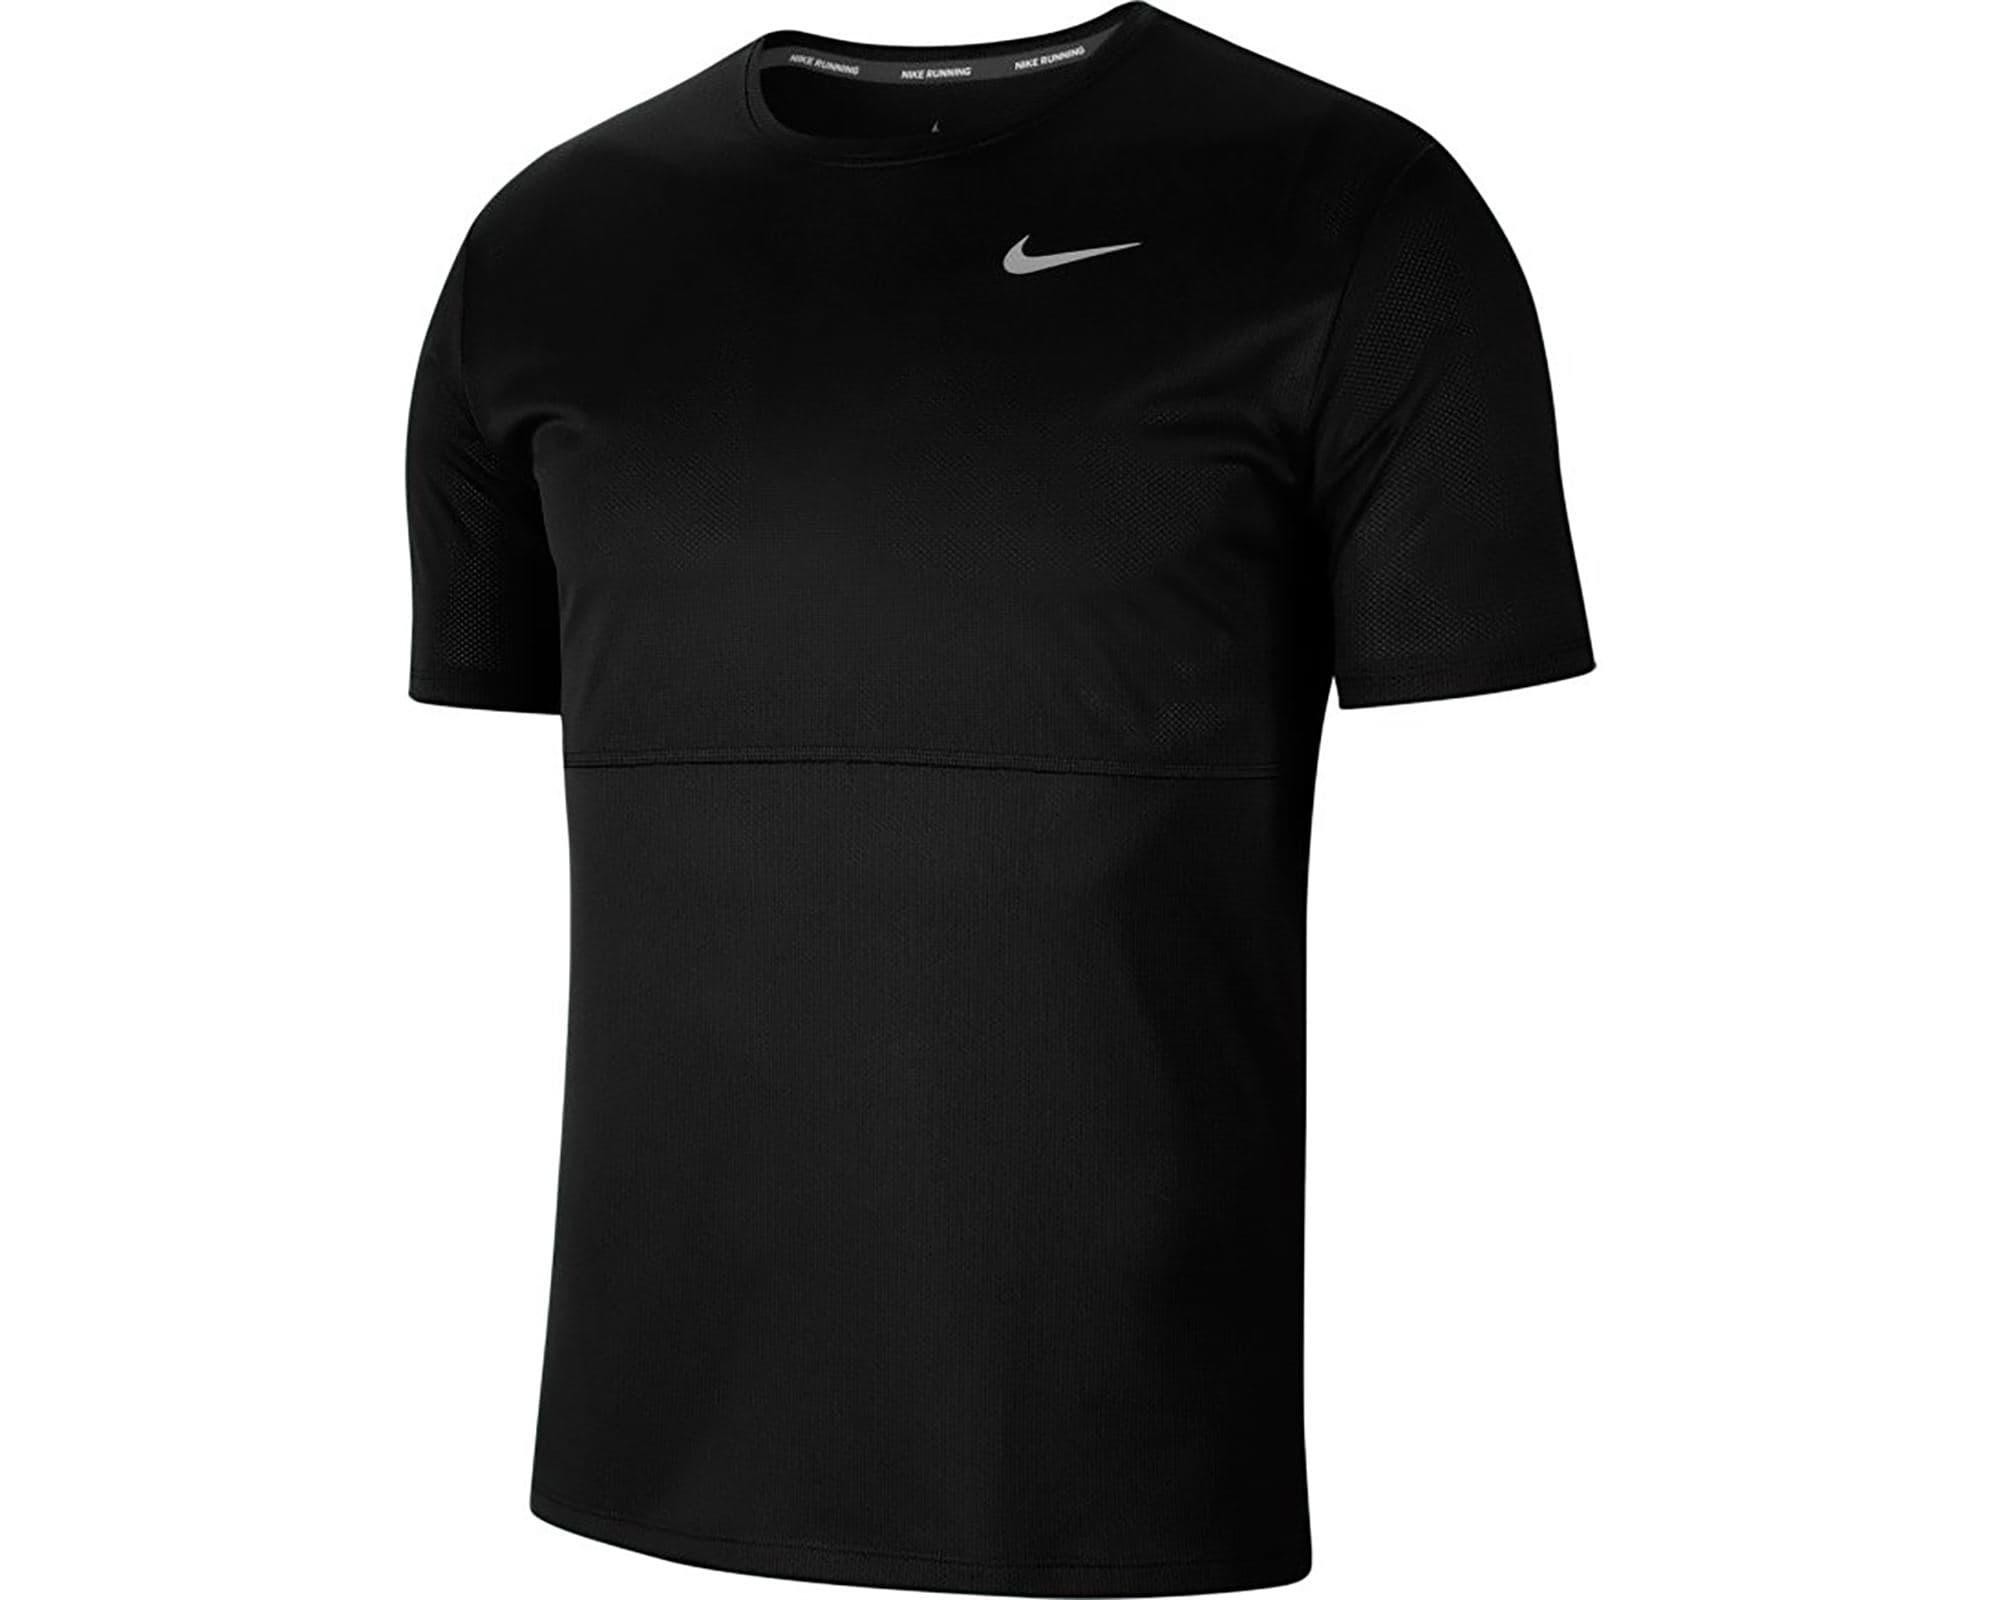 Breathe Erkek Siyah Koşu Tişörtü (CJ5332-010)